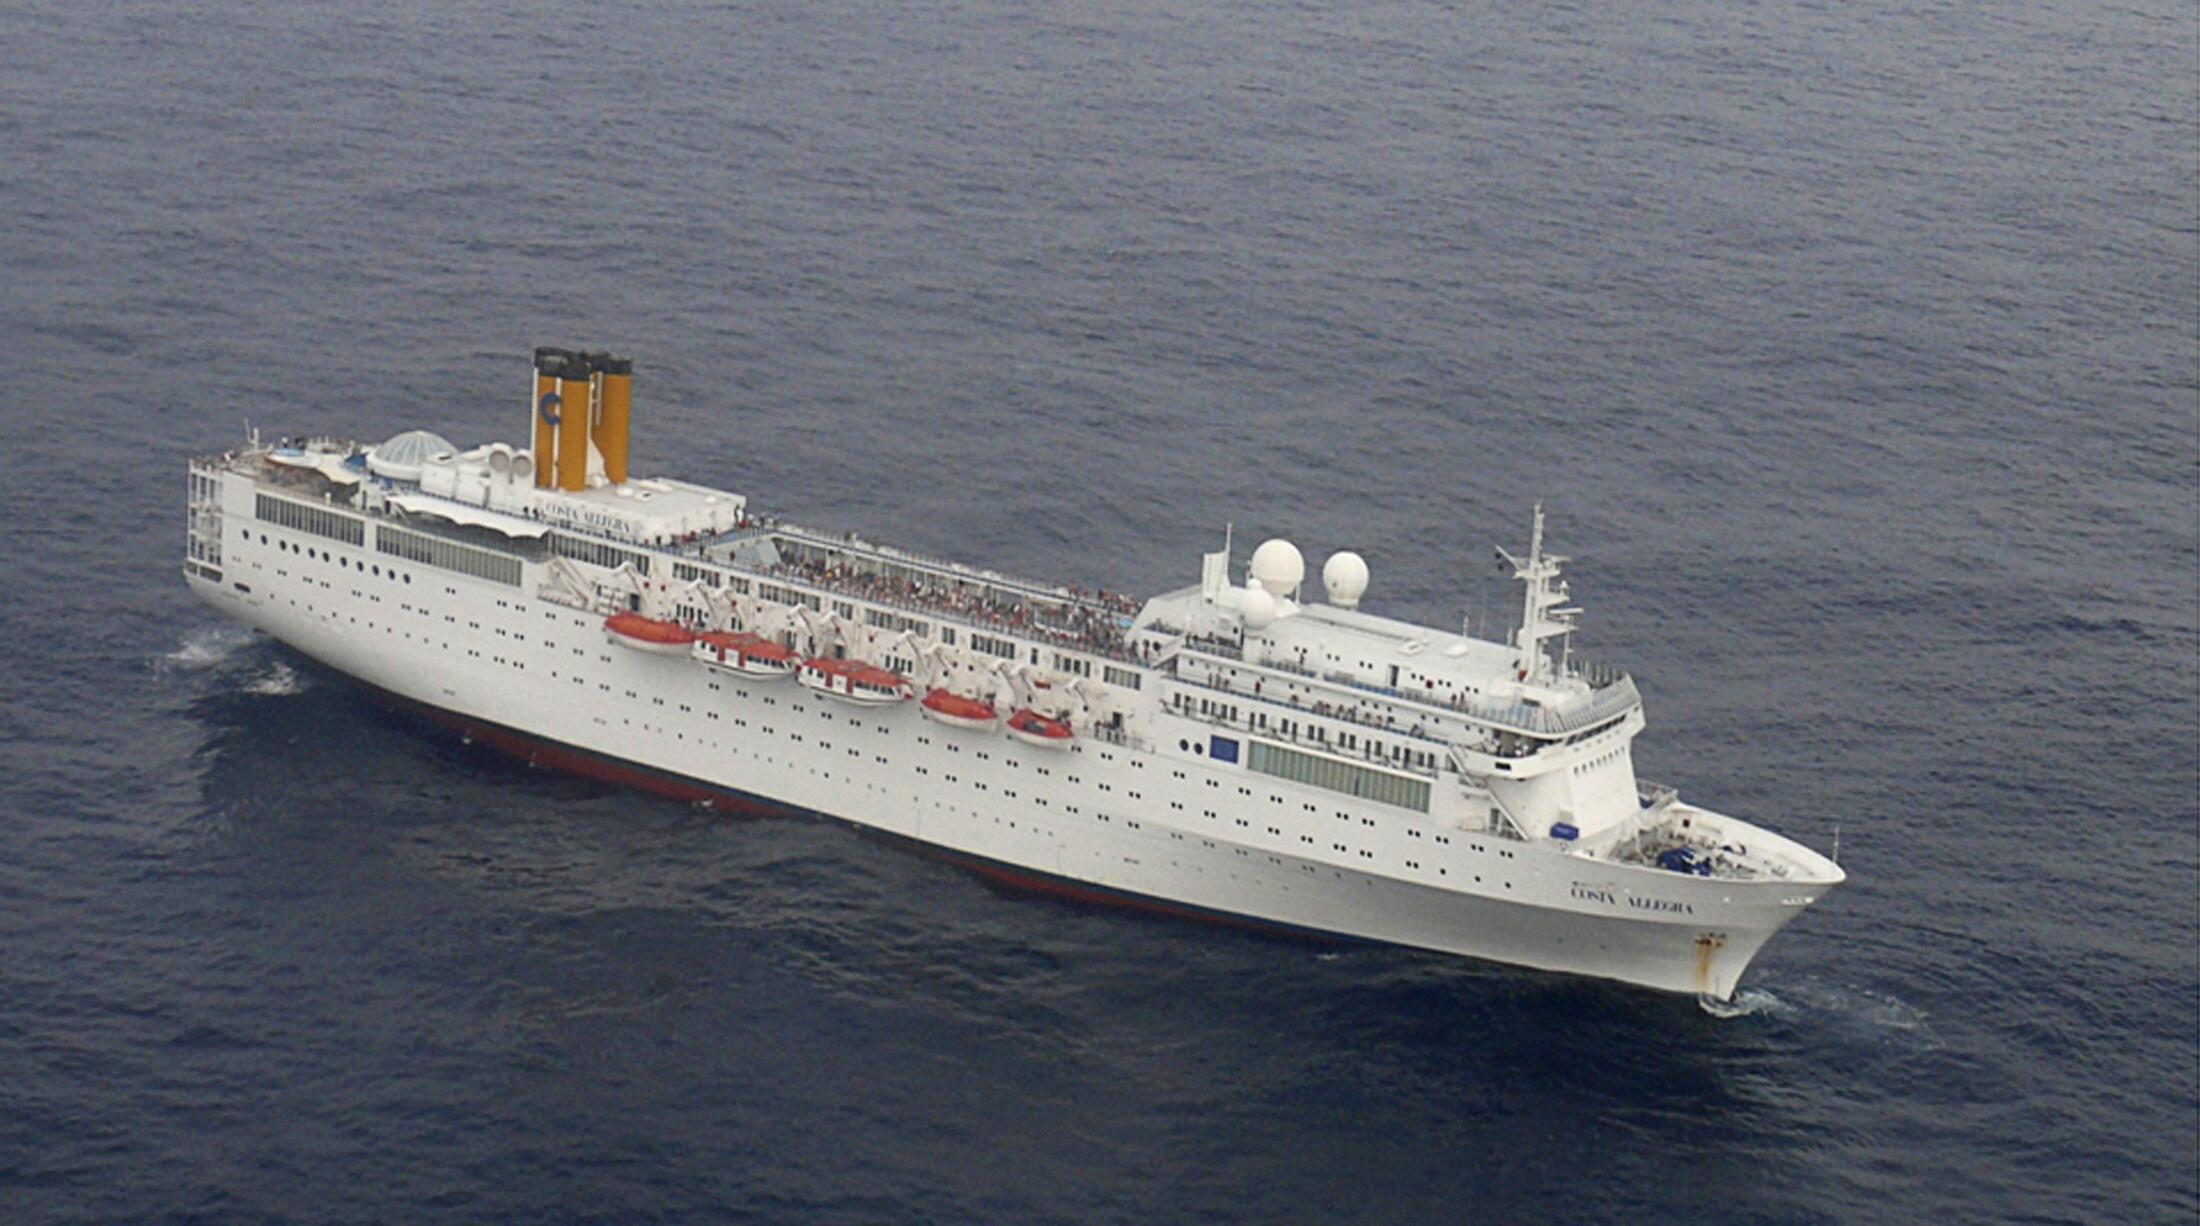 Imagem desta segunda-feira mostra o navio Costa Allegra à deriva no Oceano Índico.